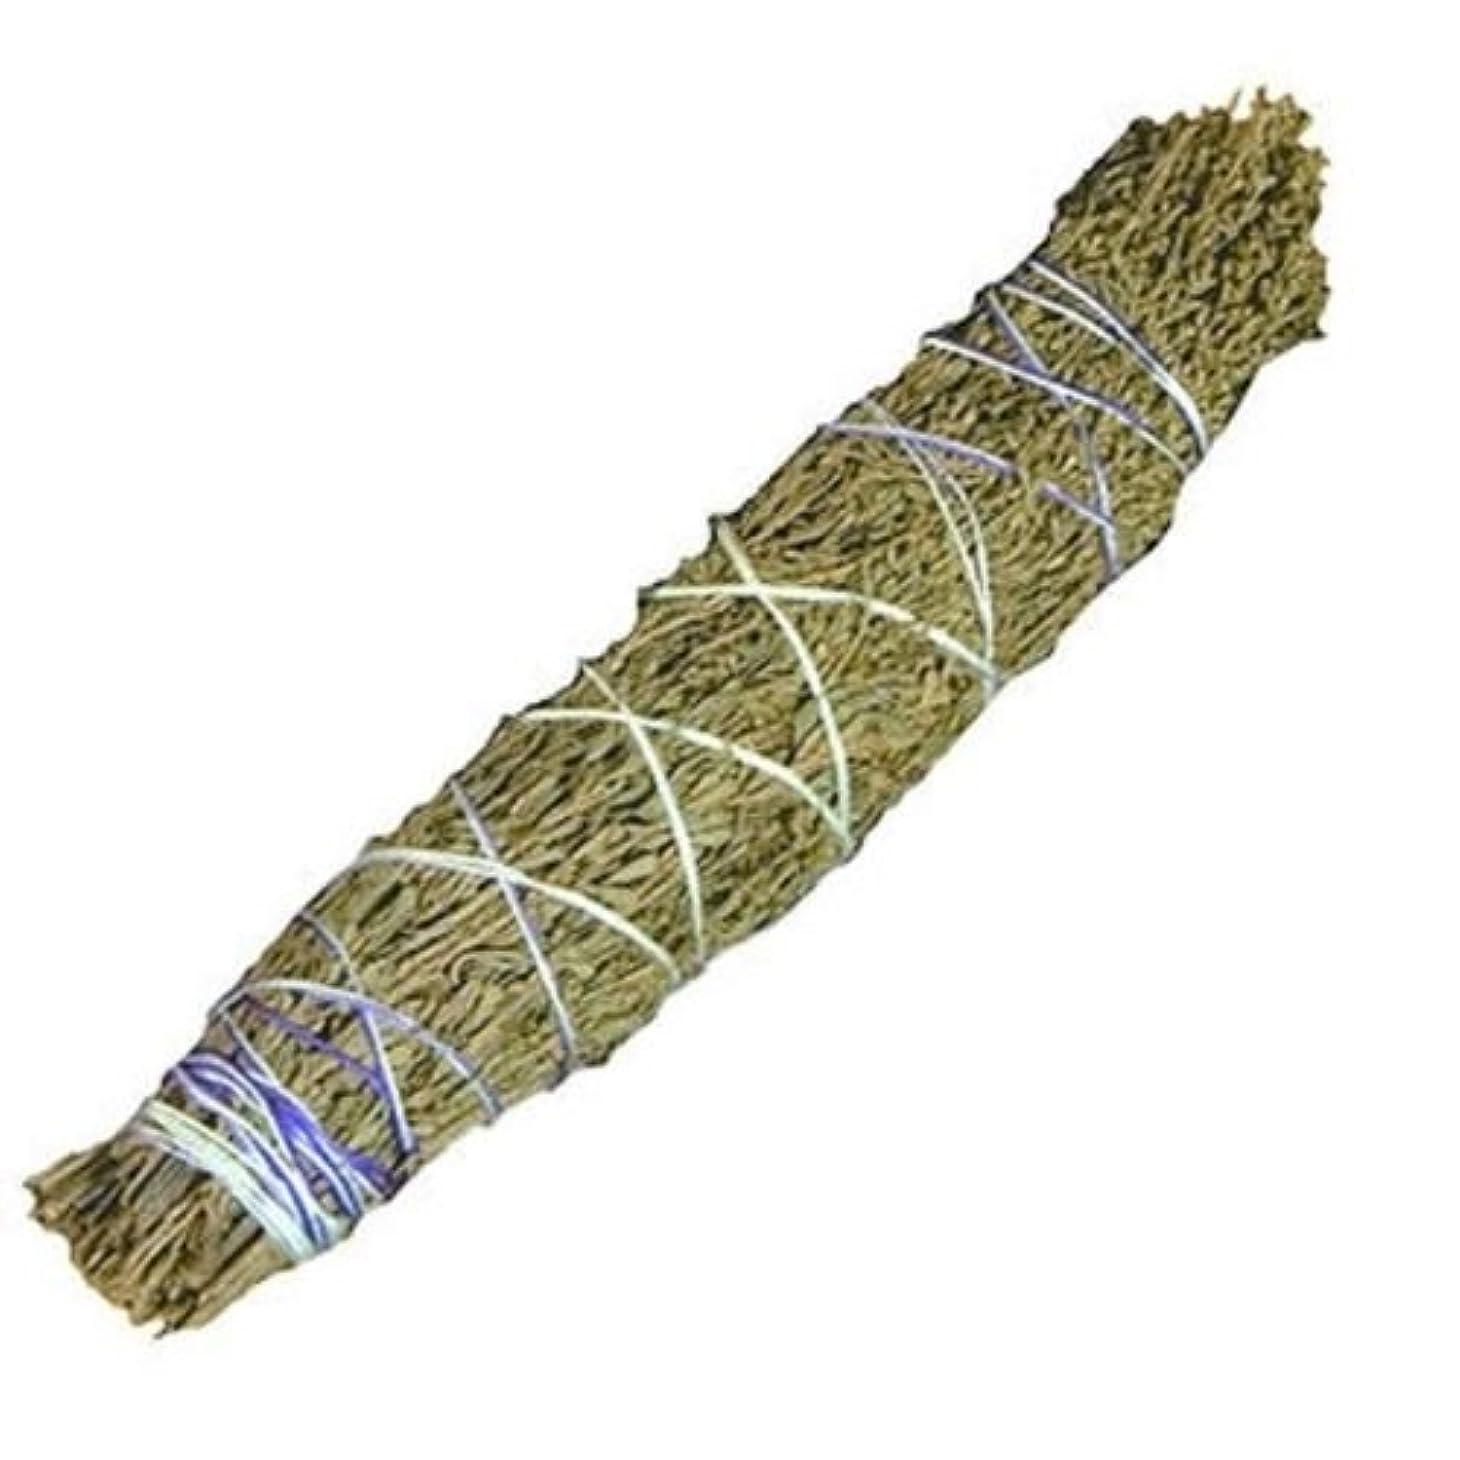 ドロップ誘惑する野な2つSmudge sticks-ラベンダー&セージ、植物